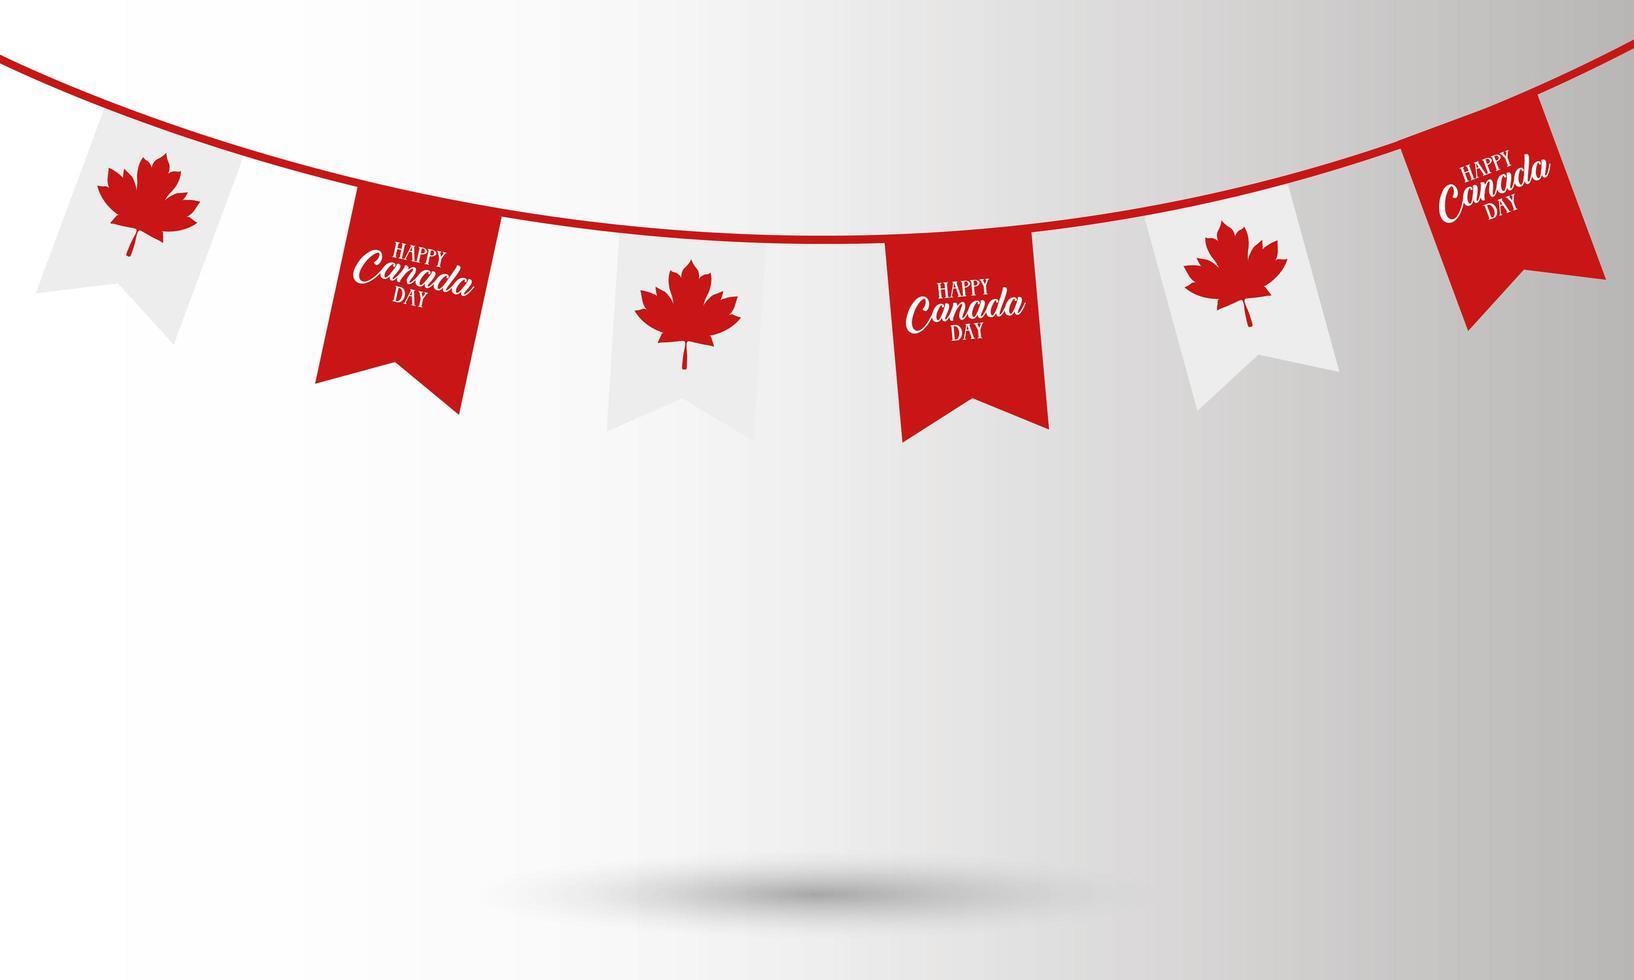 fanion de bannière canadienne pour la conception de vecteur de bonne fête du canada